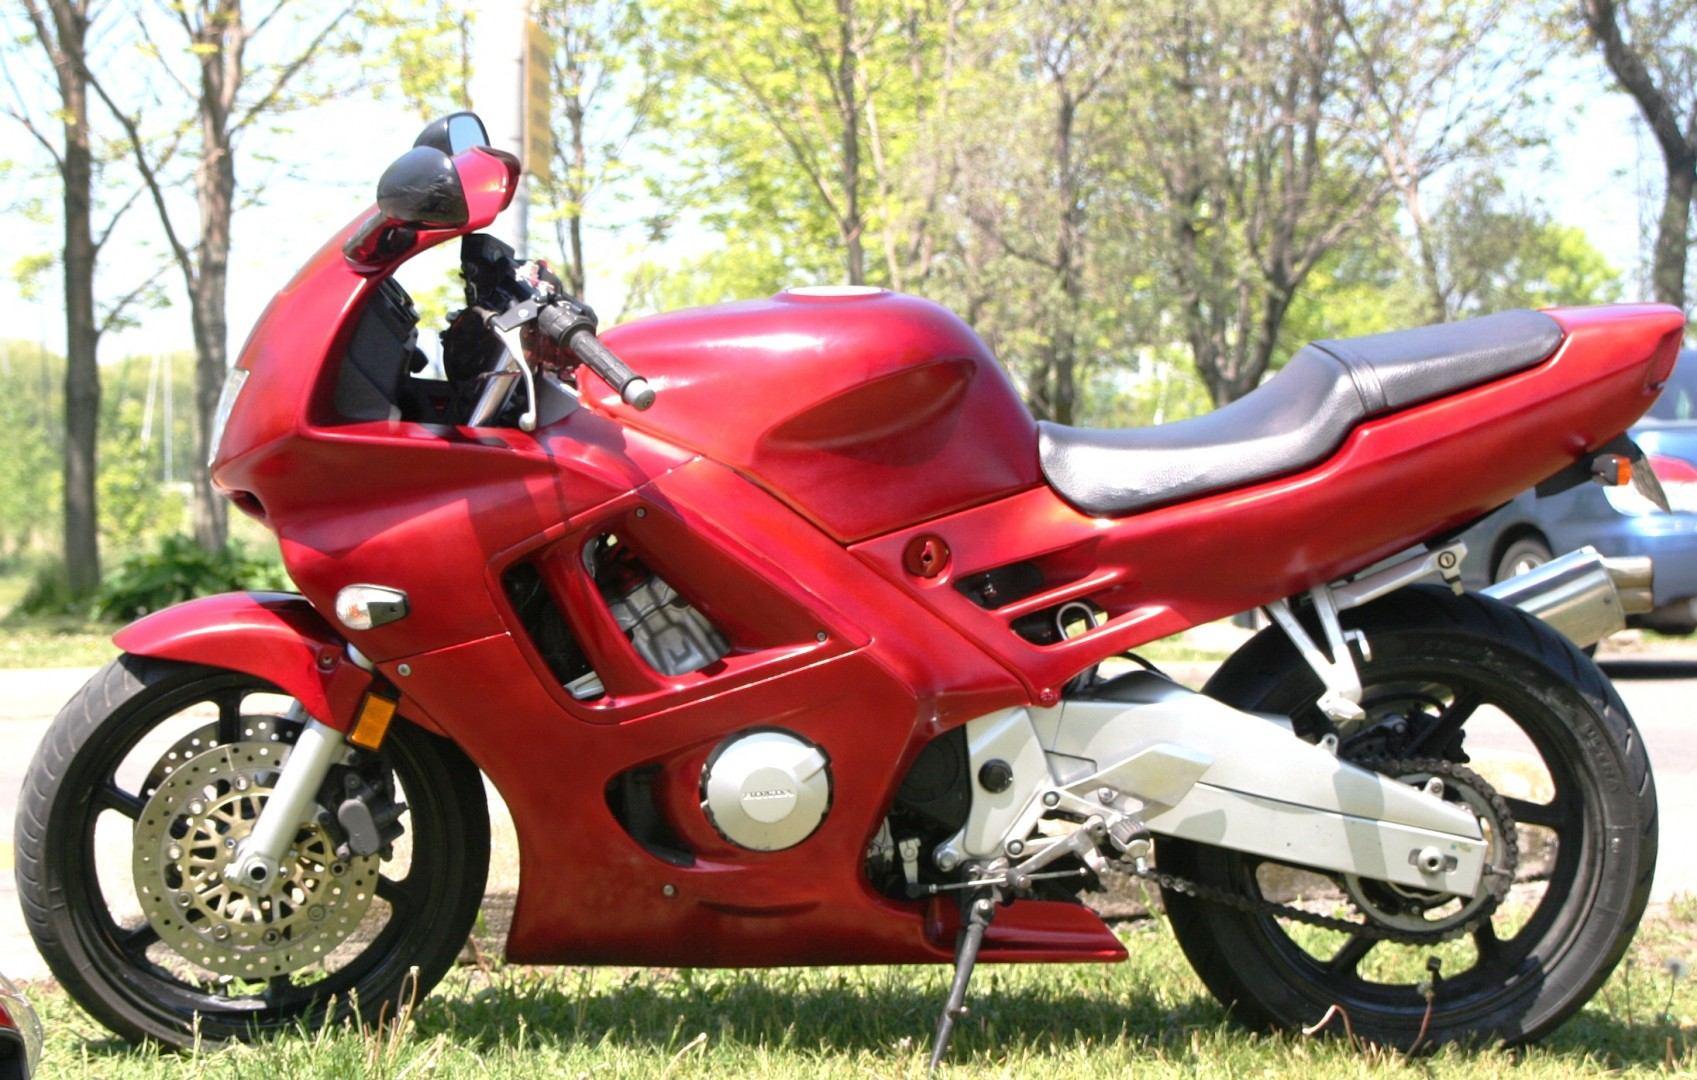 Honda CBR 600 F3 3